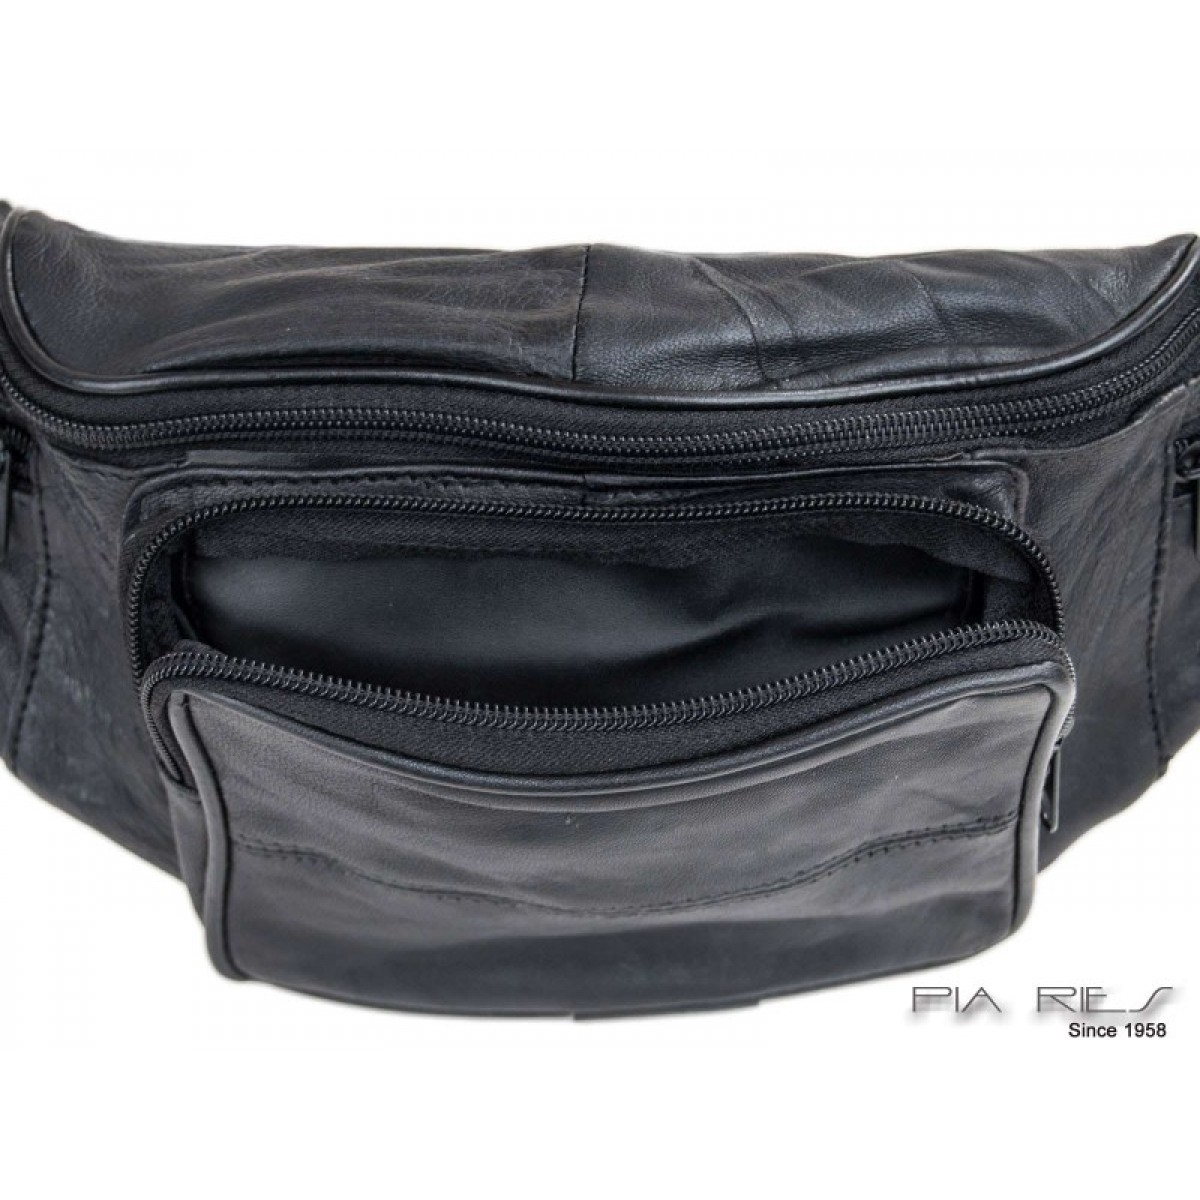 Bæltetaske med stor udvendig lynlås lomme-31